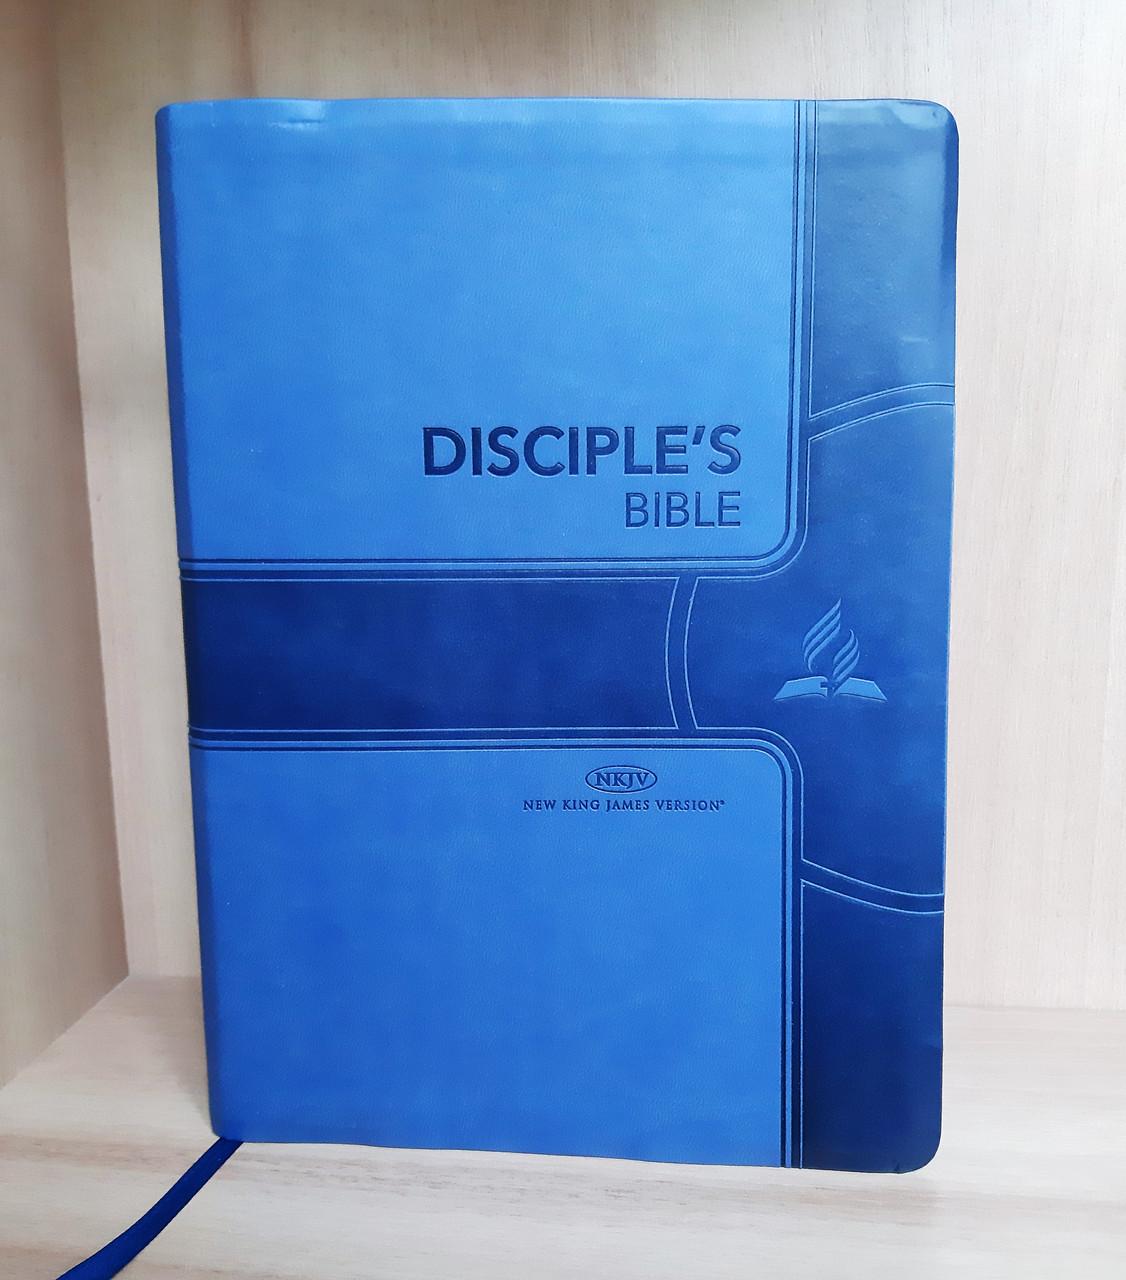 Disciple's Bible (Біблія навчальна англійською мовою)